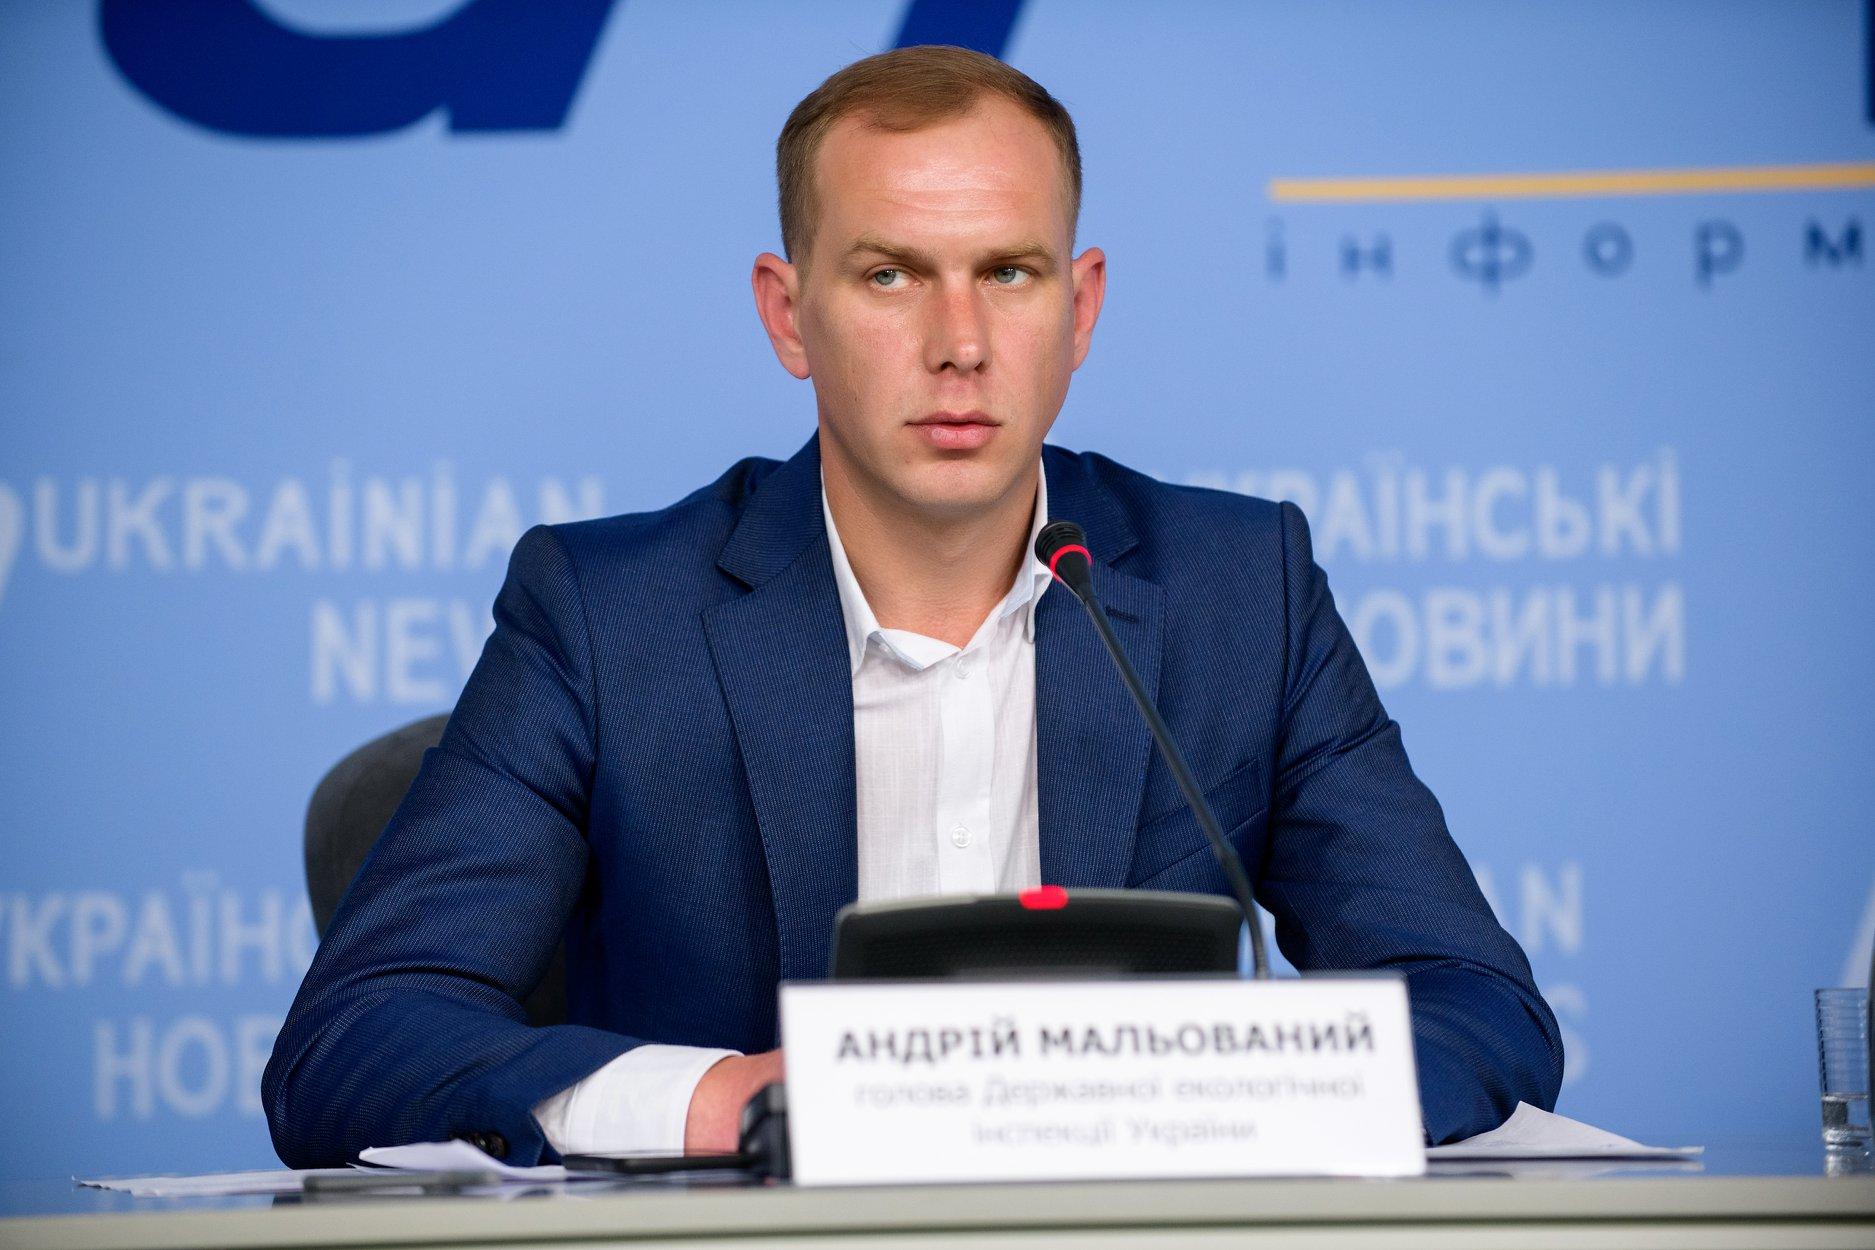 Верховна Рада хоче збільшити штрафи за браконьєрство -  - Malvanyj portret